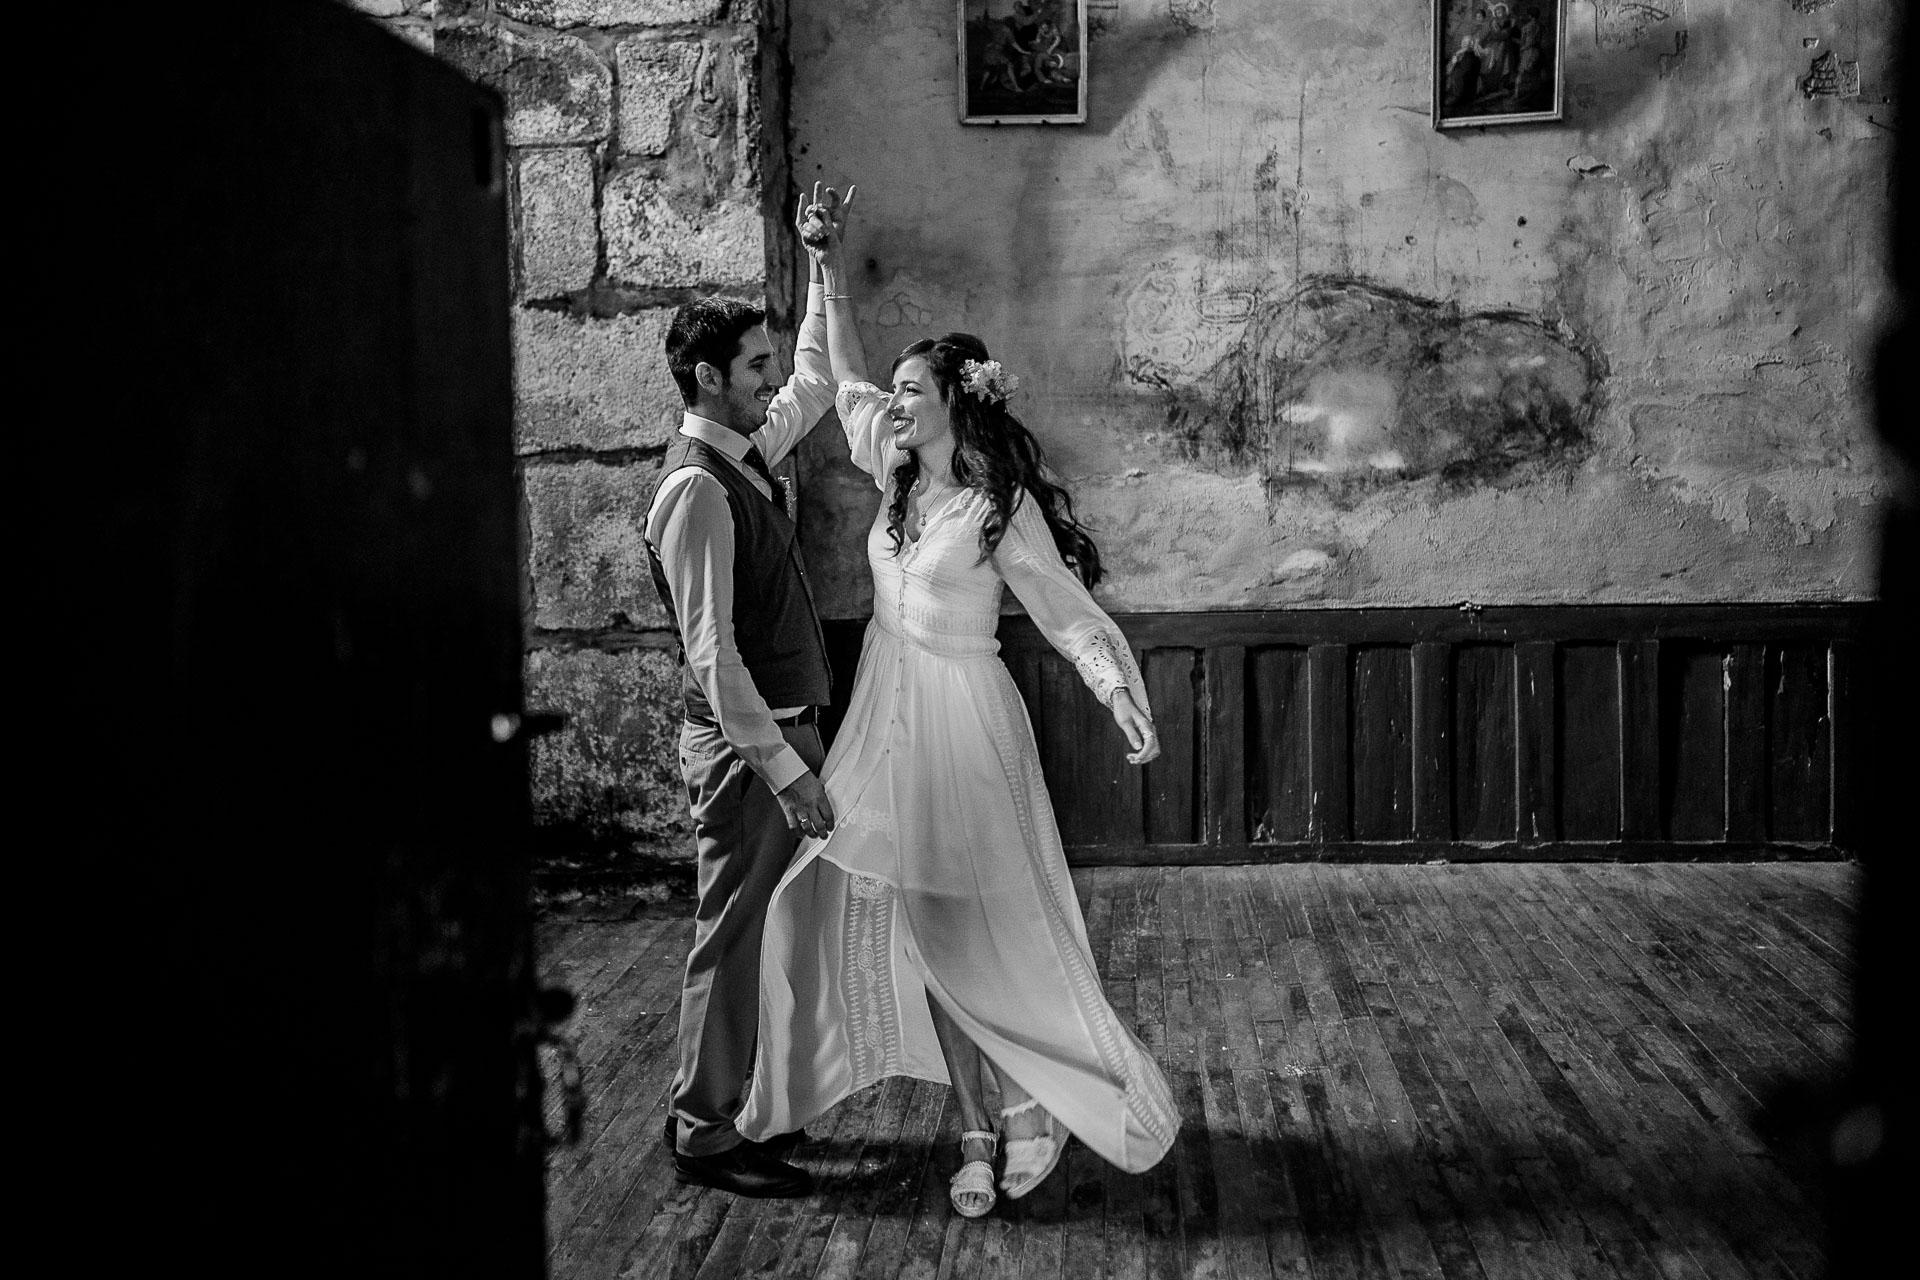 fotografo boda vitoria 143444